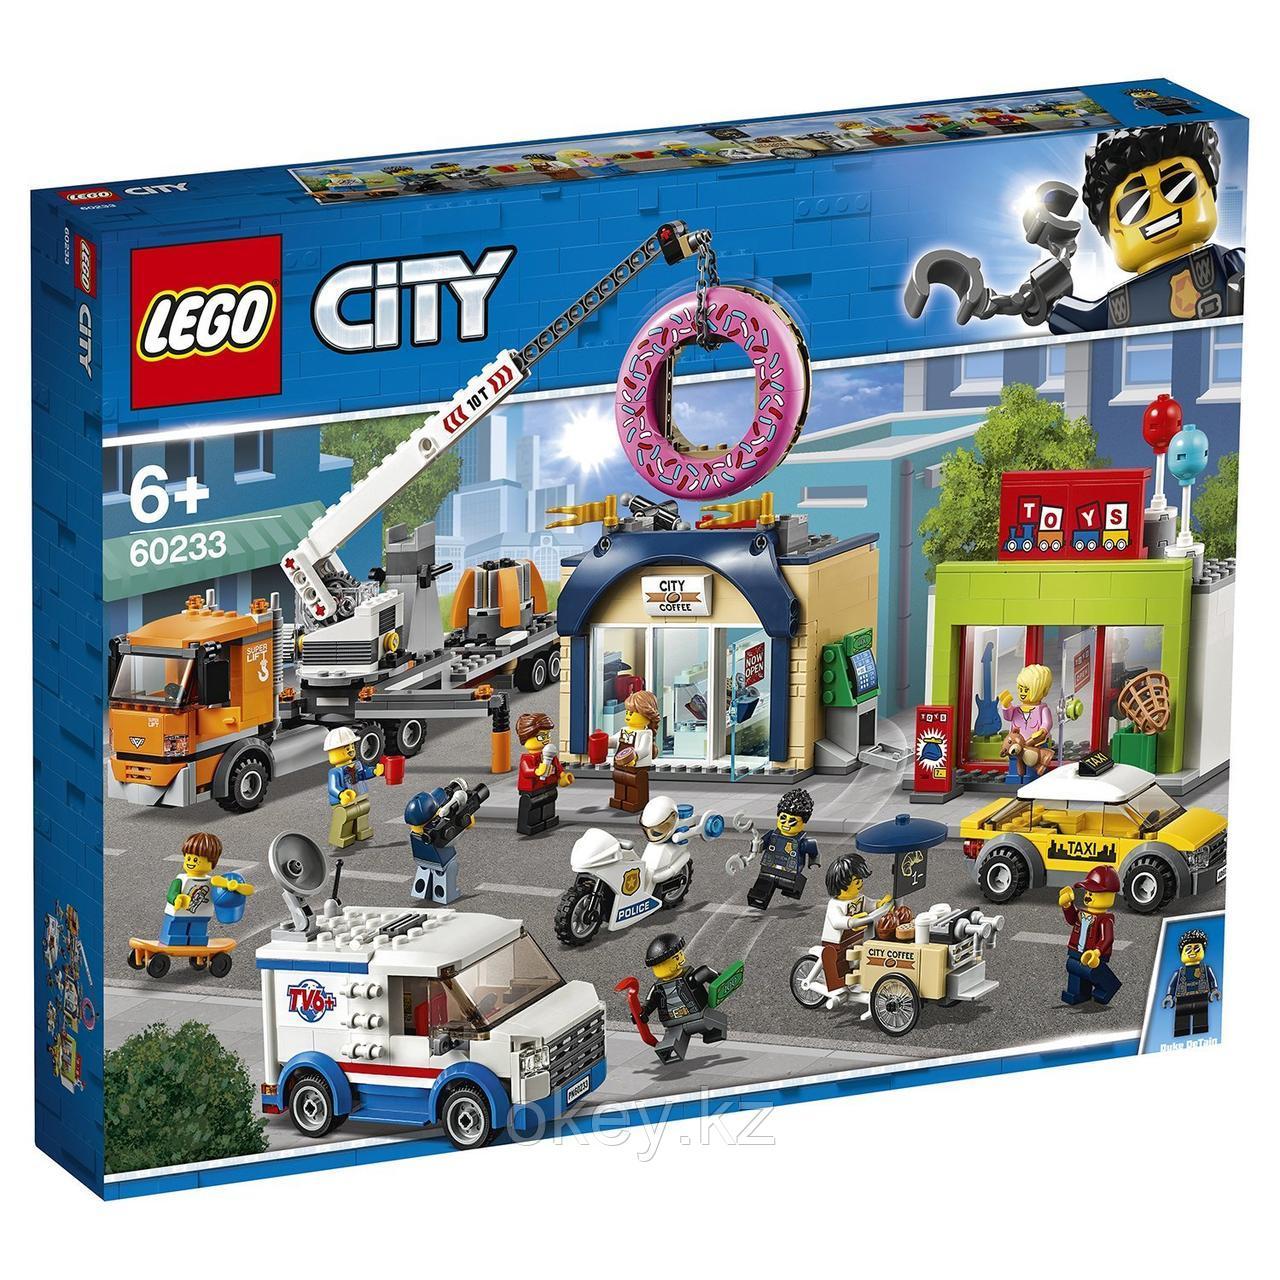 LEGO City: Открытие магазина по продаже пончиков 60233